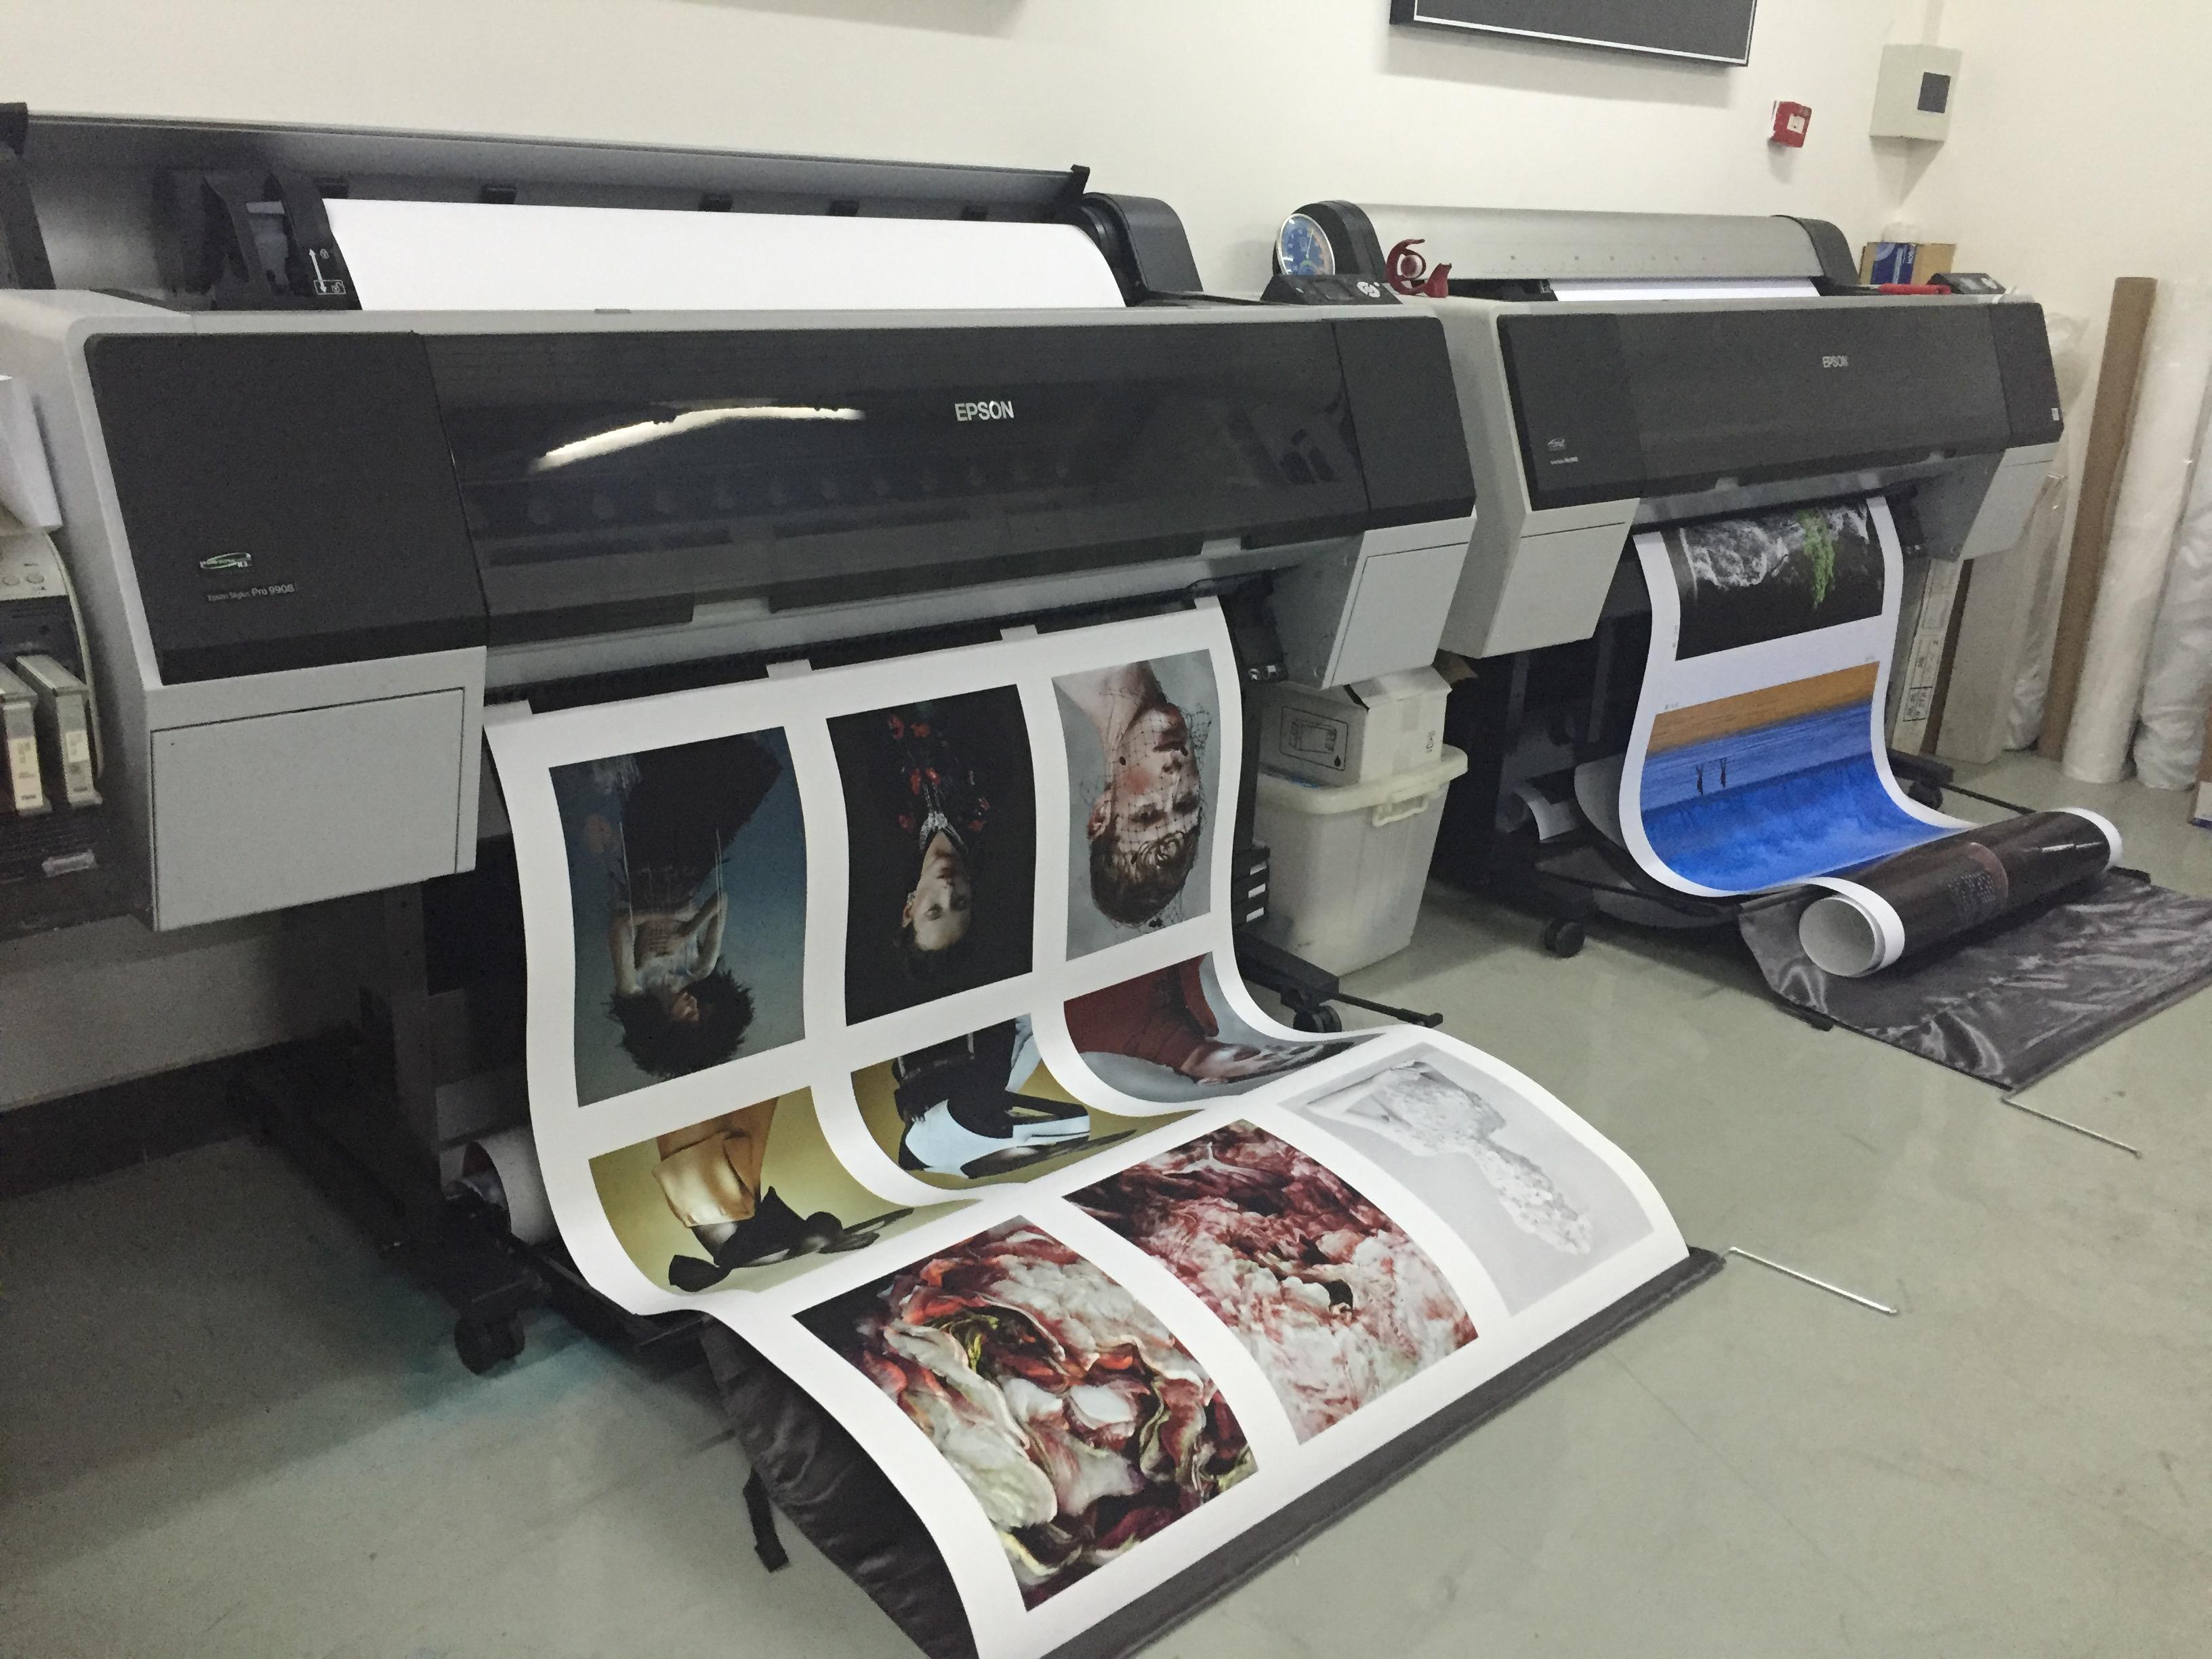 Фото (Магазине)высокая свет / матовая фотобумага / искусство микро-струи/оригинальные чернила производства согласно расчета квадратных метров